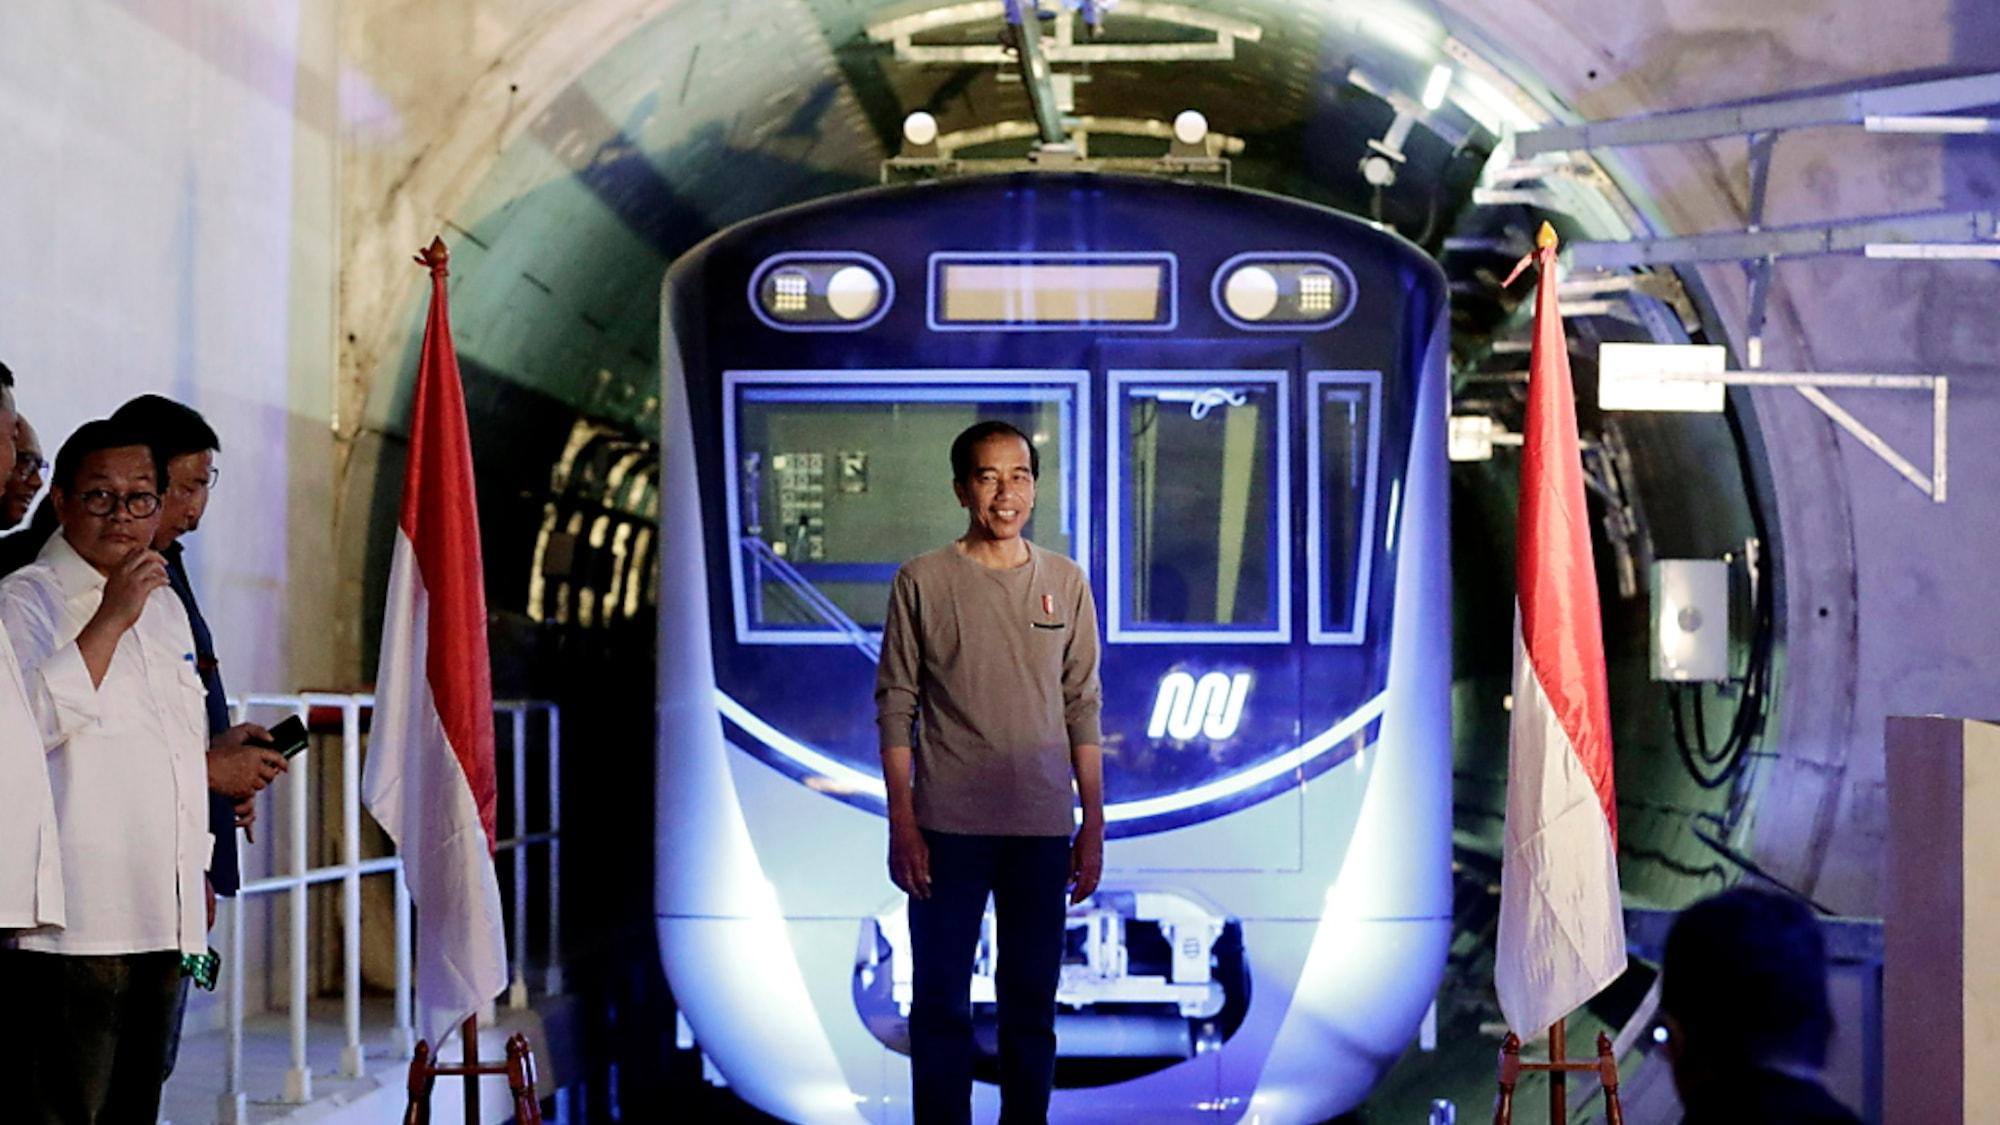 Indonesien: Indonesiens Hauptstadt nimmt Stadtbahn in Betrieb